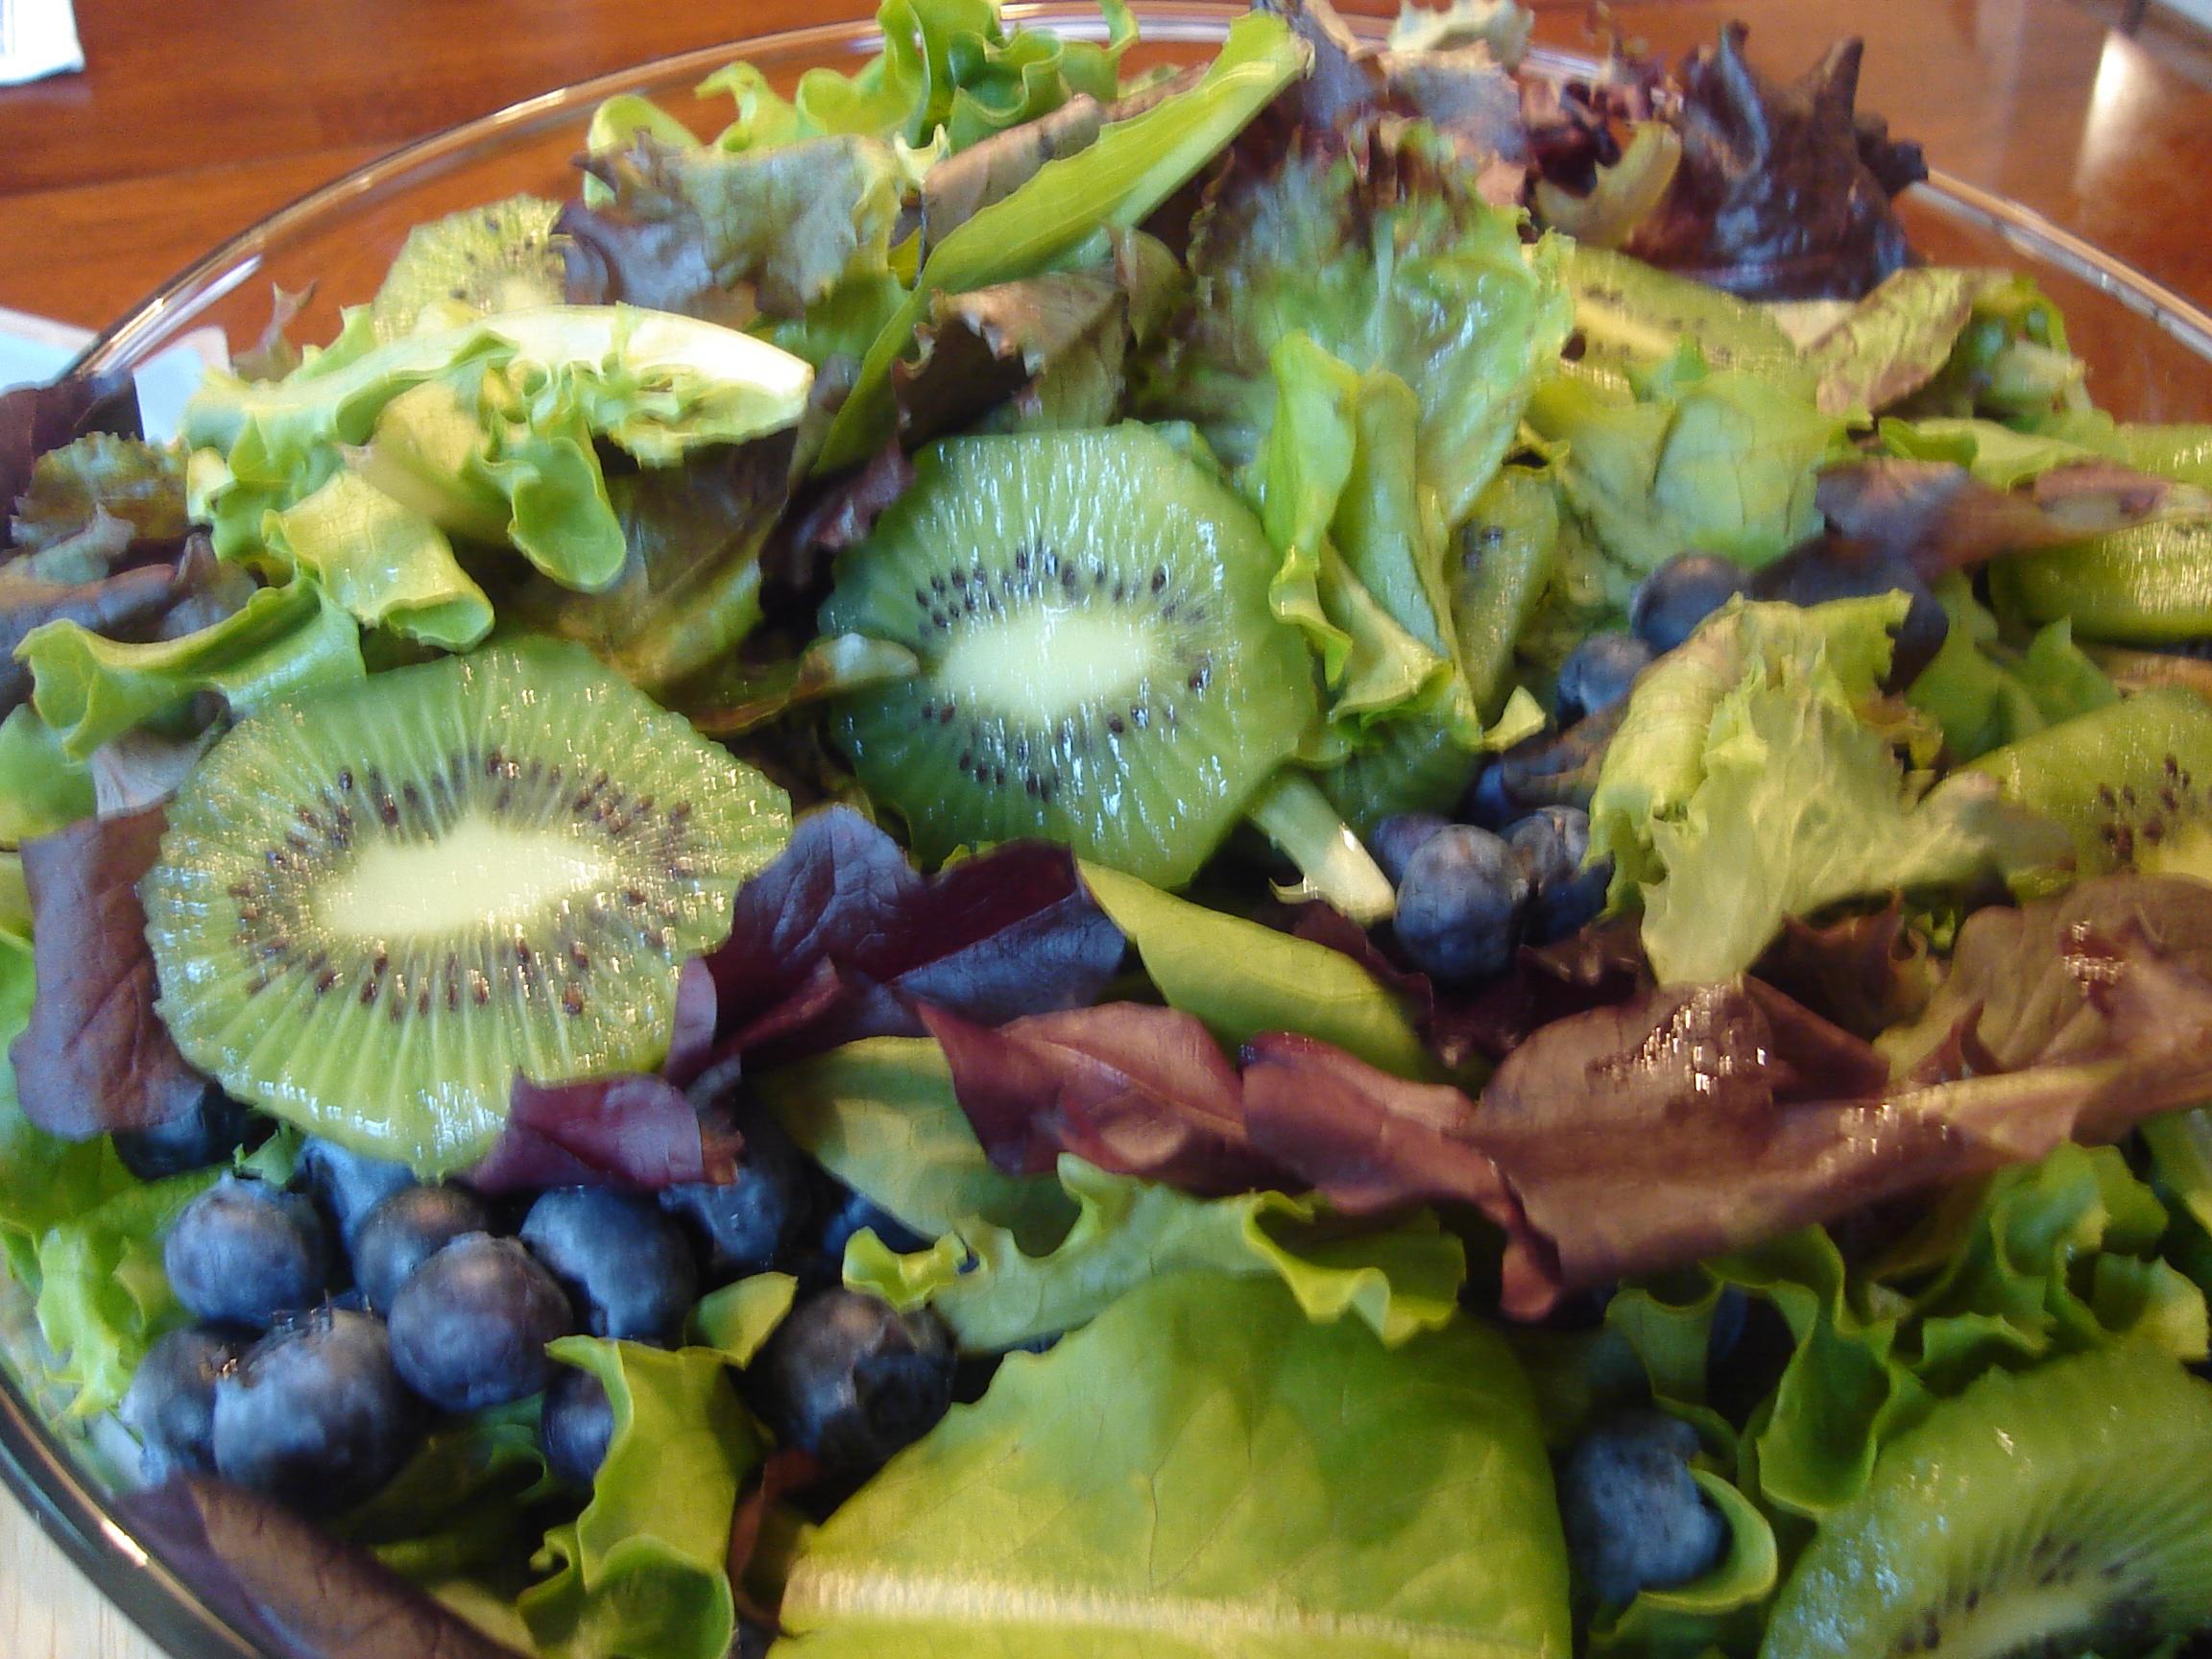 Blueberry and Kiwi Salad